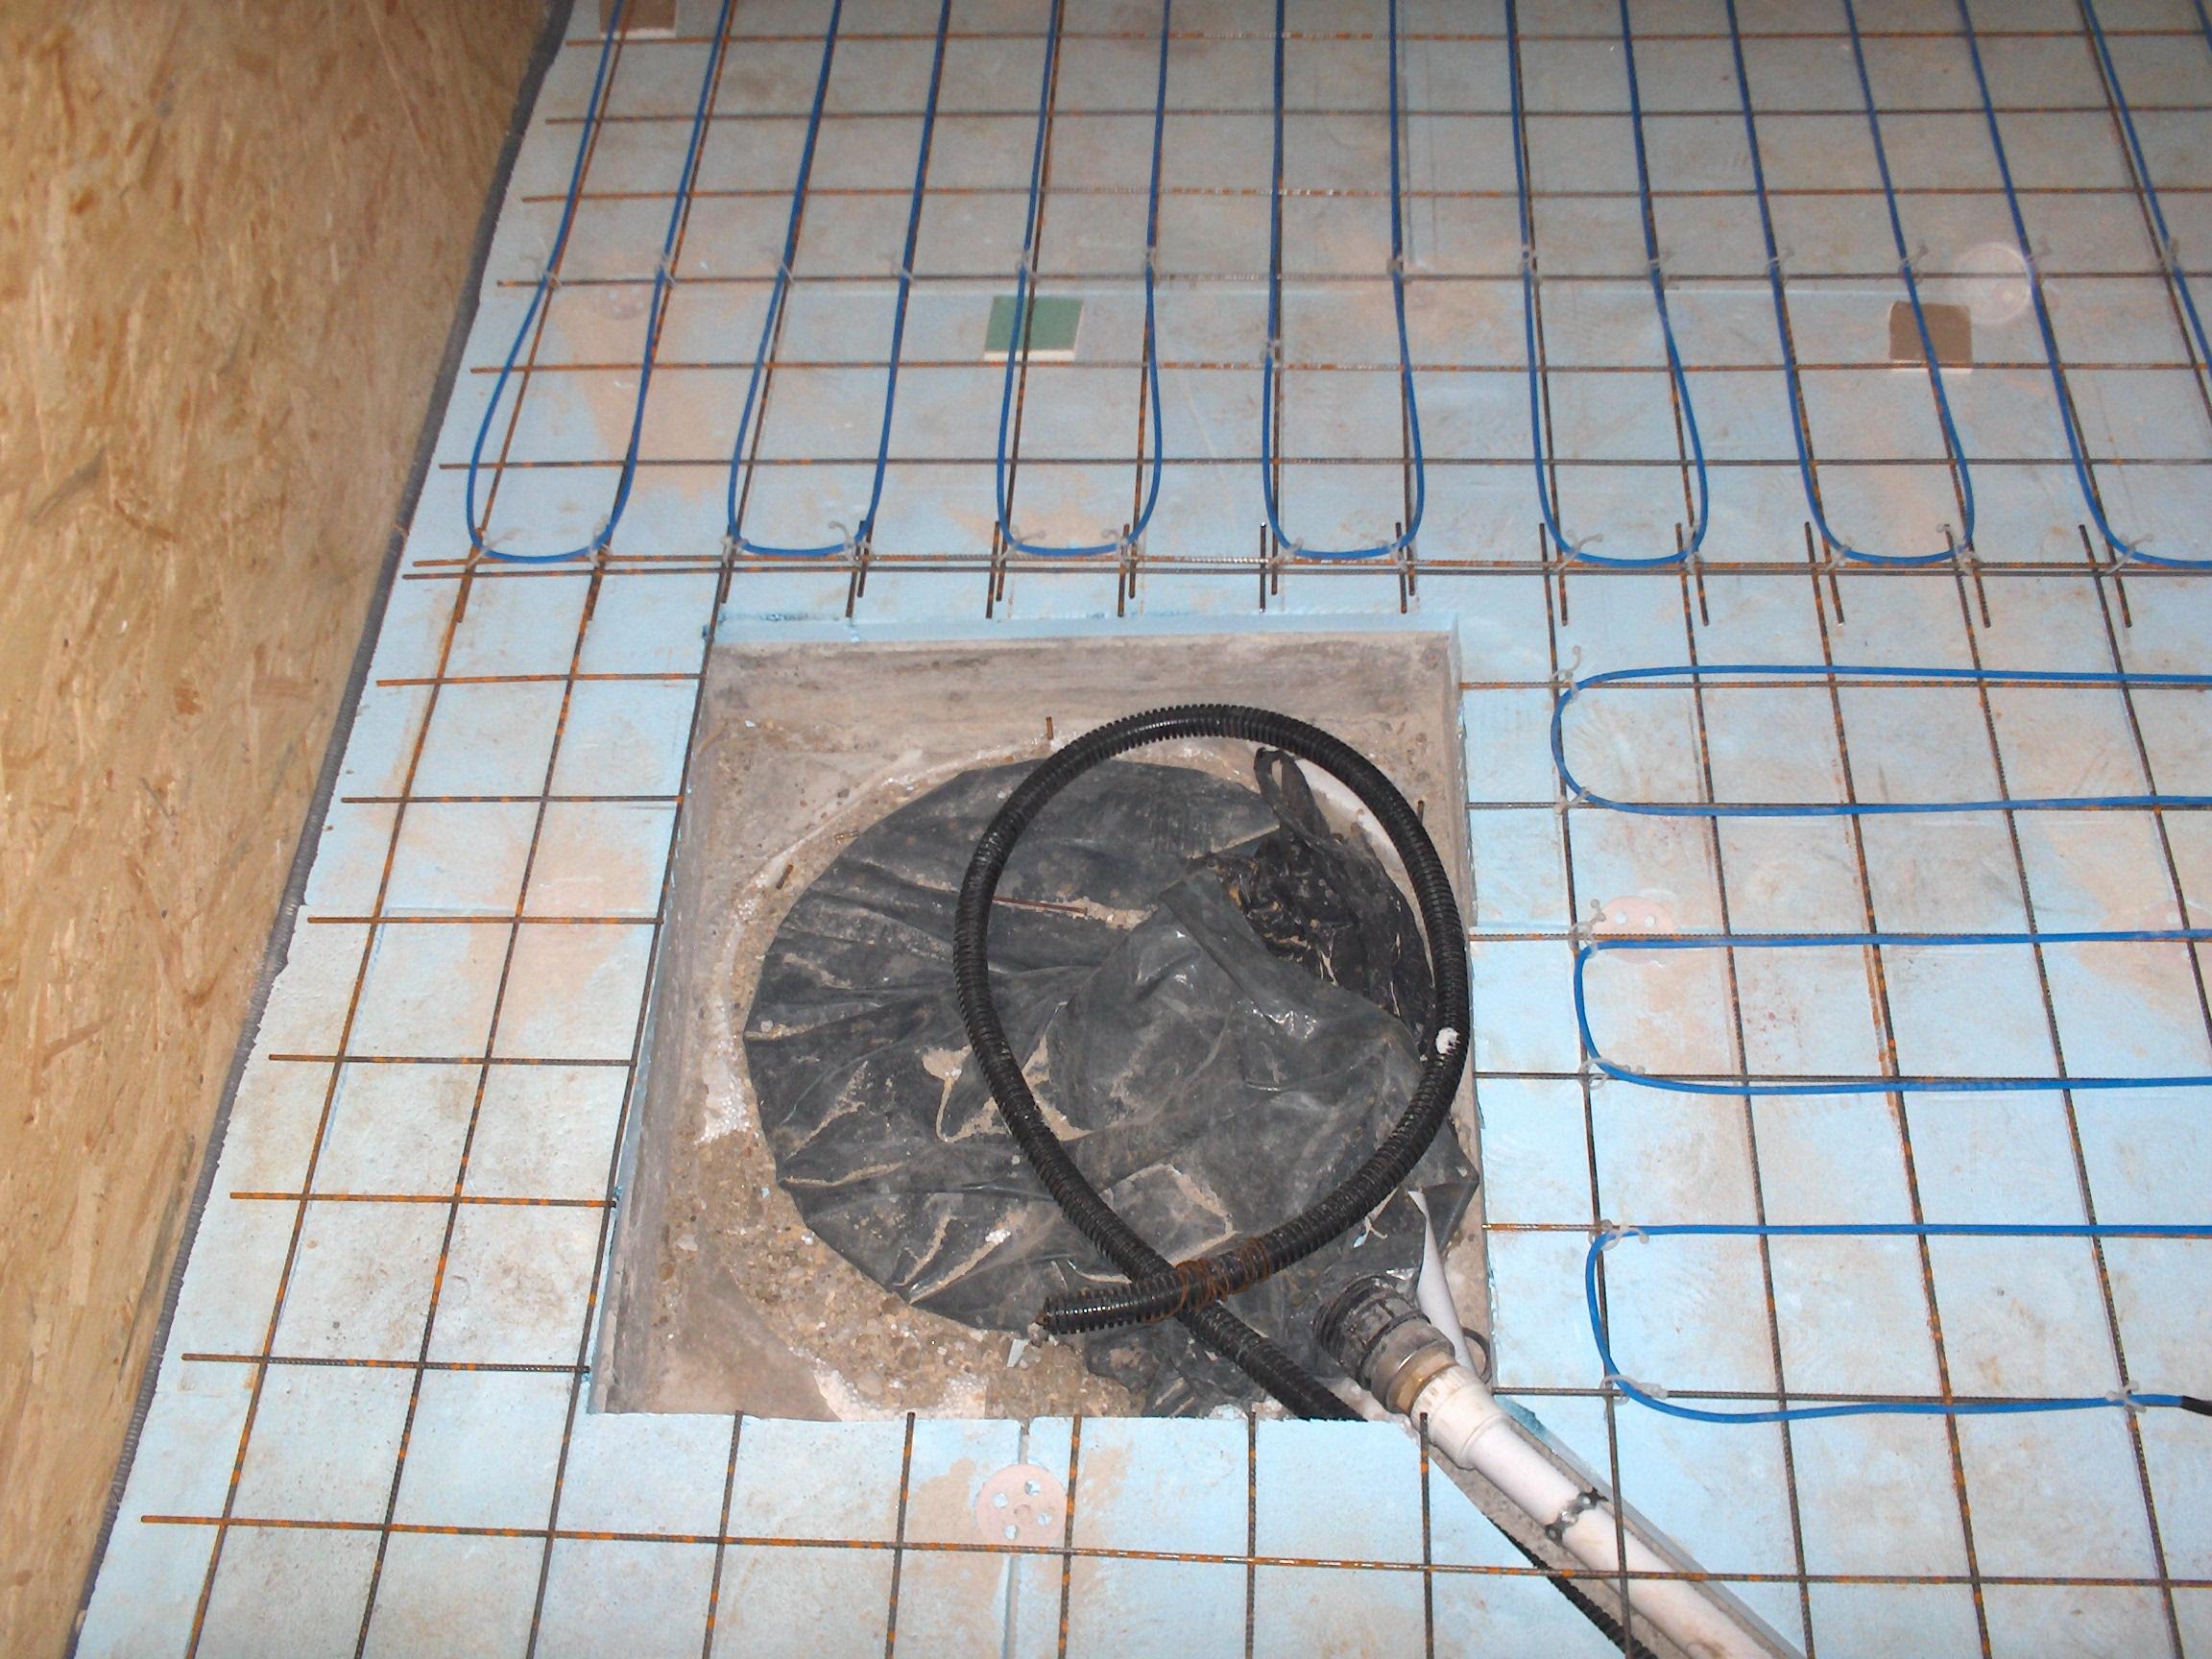 Sistem de incalzire electrica prin pardoseala RAYCHEM - Poza 70